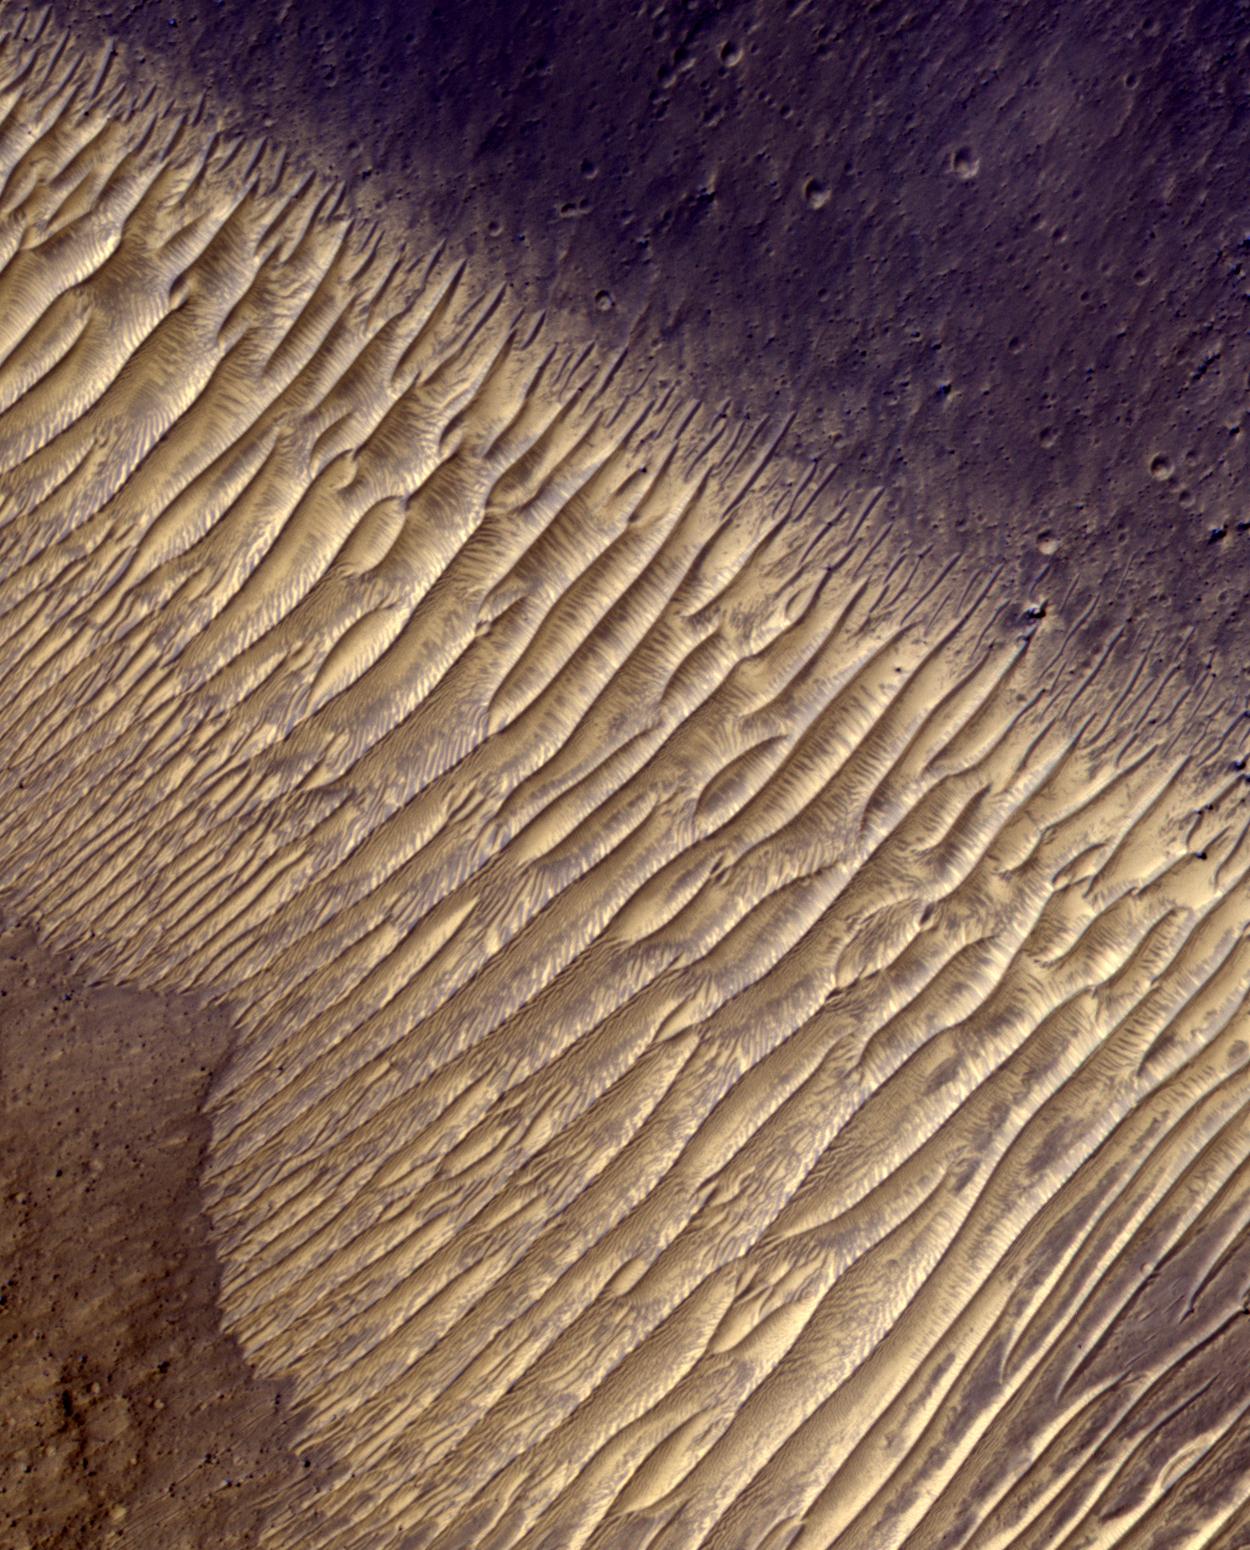 Fuzzy dunes